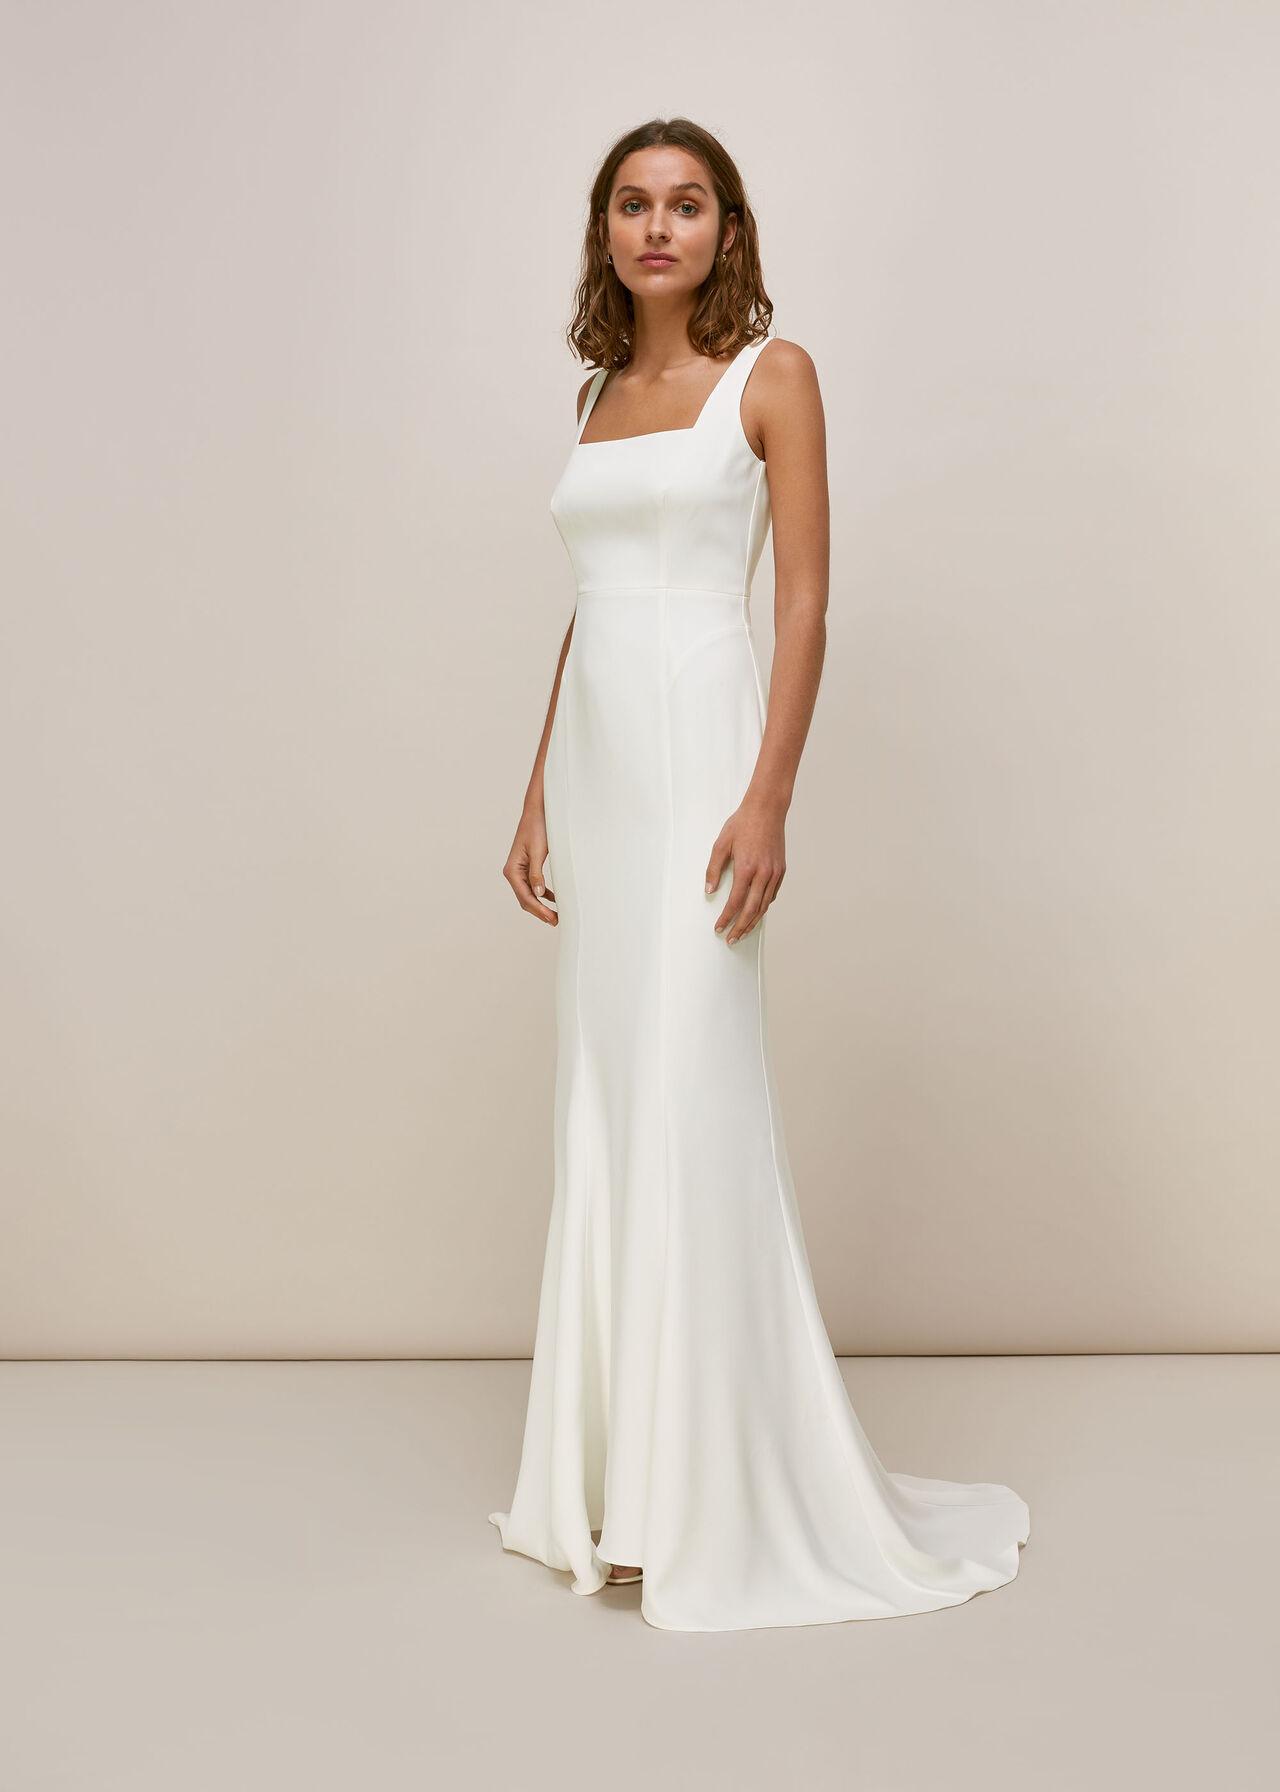 Ivory Mia Square Neck Wedding Dress Whistles Whistles